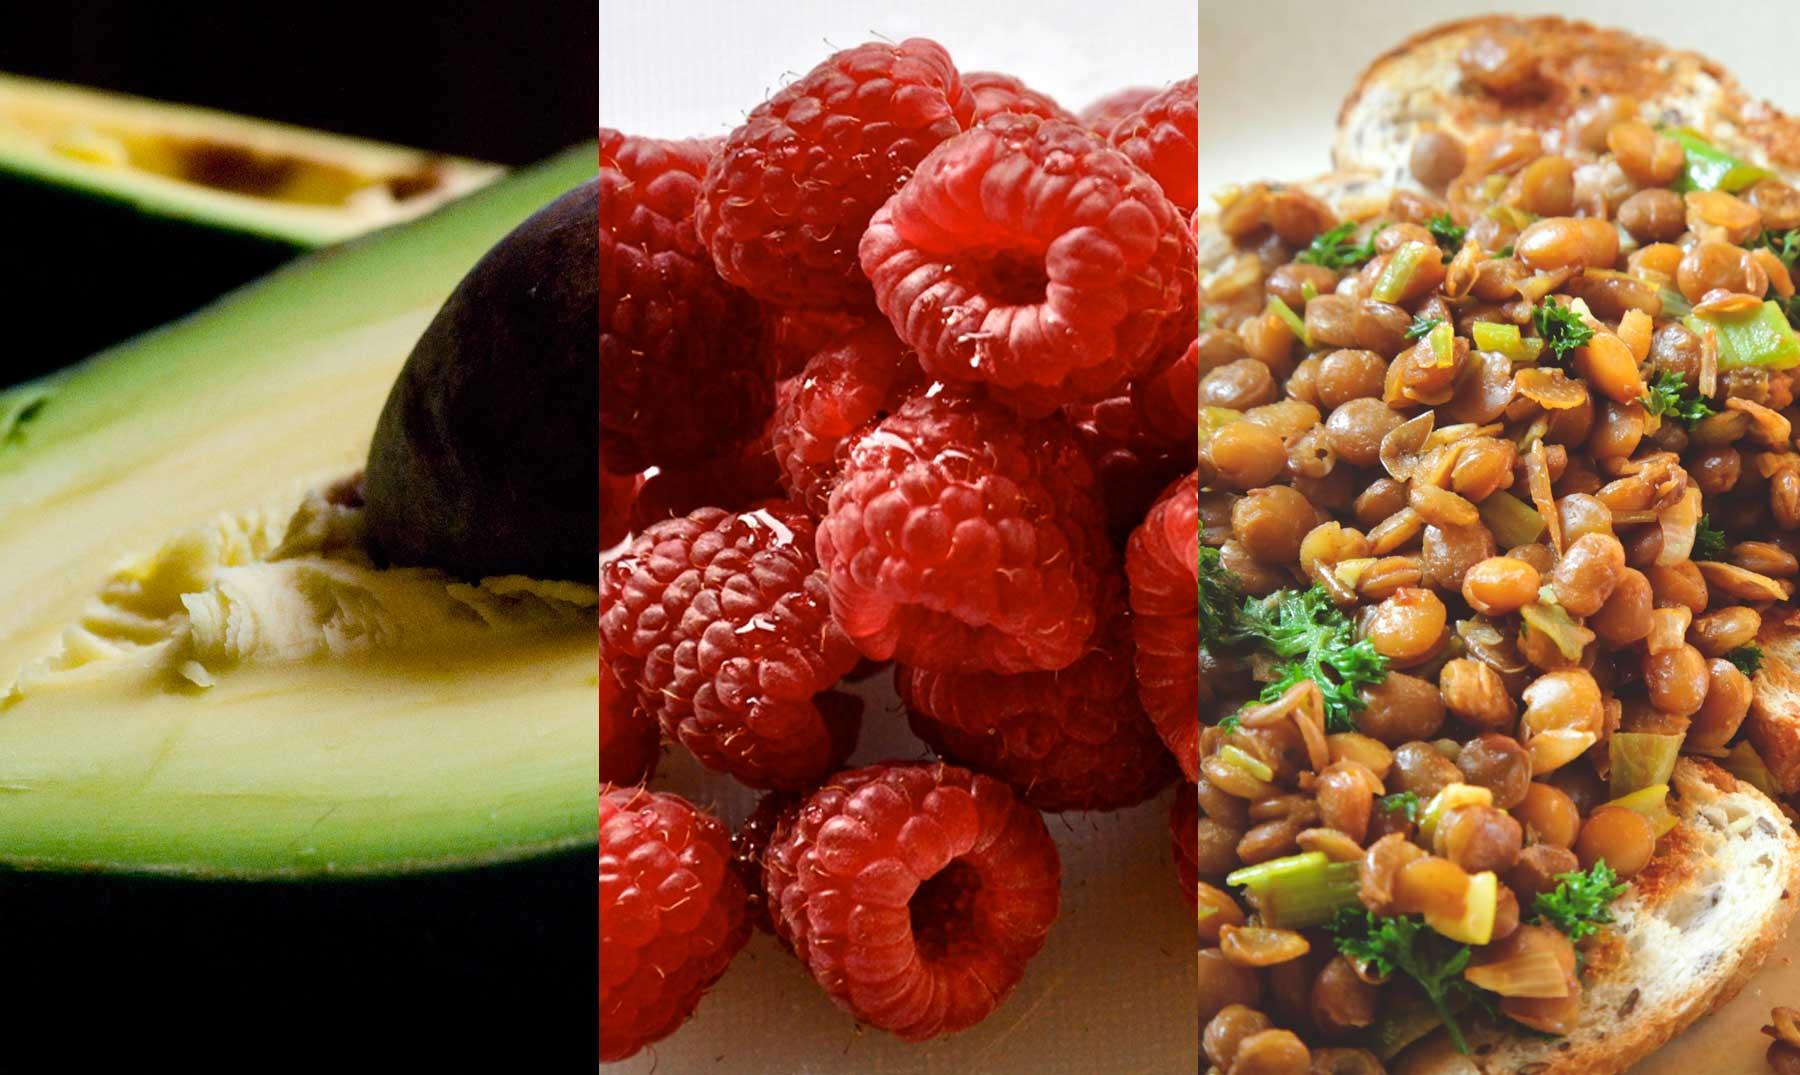 Los 10 alimentos que te ayudar n a ir regularmente al ba o - Alimentos para ir al bano inmediatamente ...